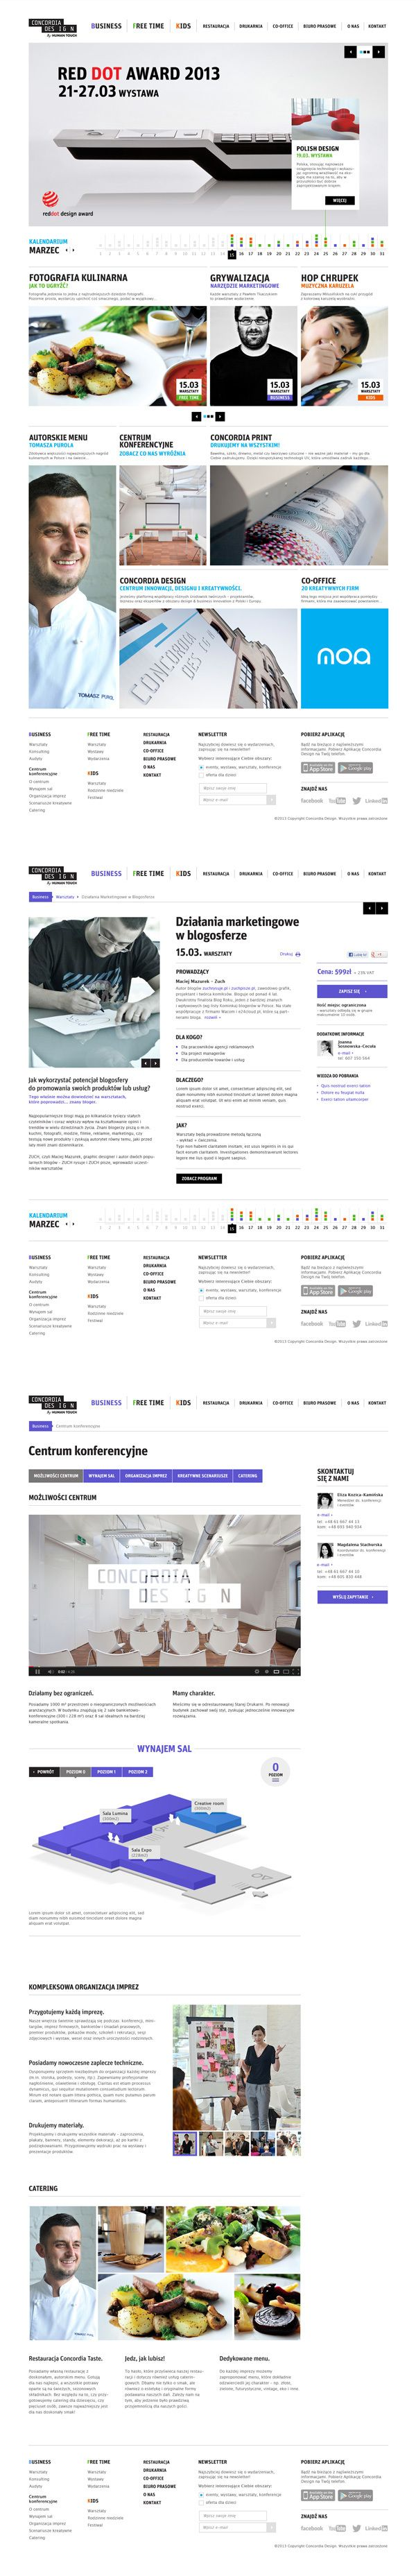 Concordia Design #ProntoDigital #WebDesign